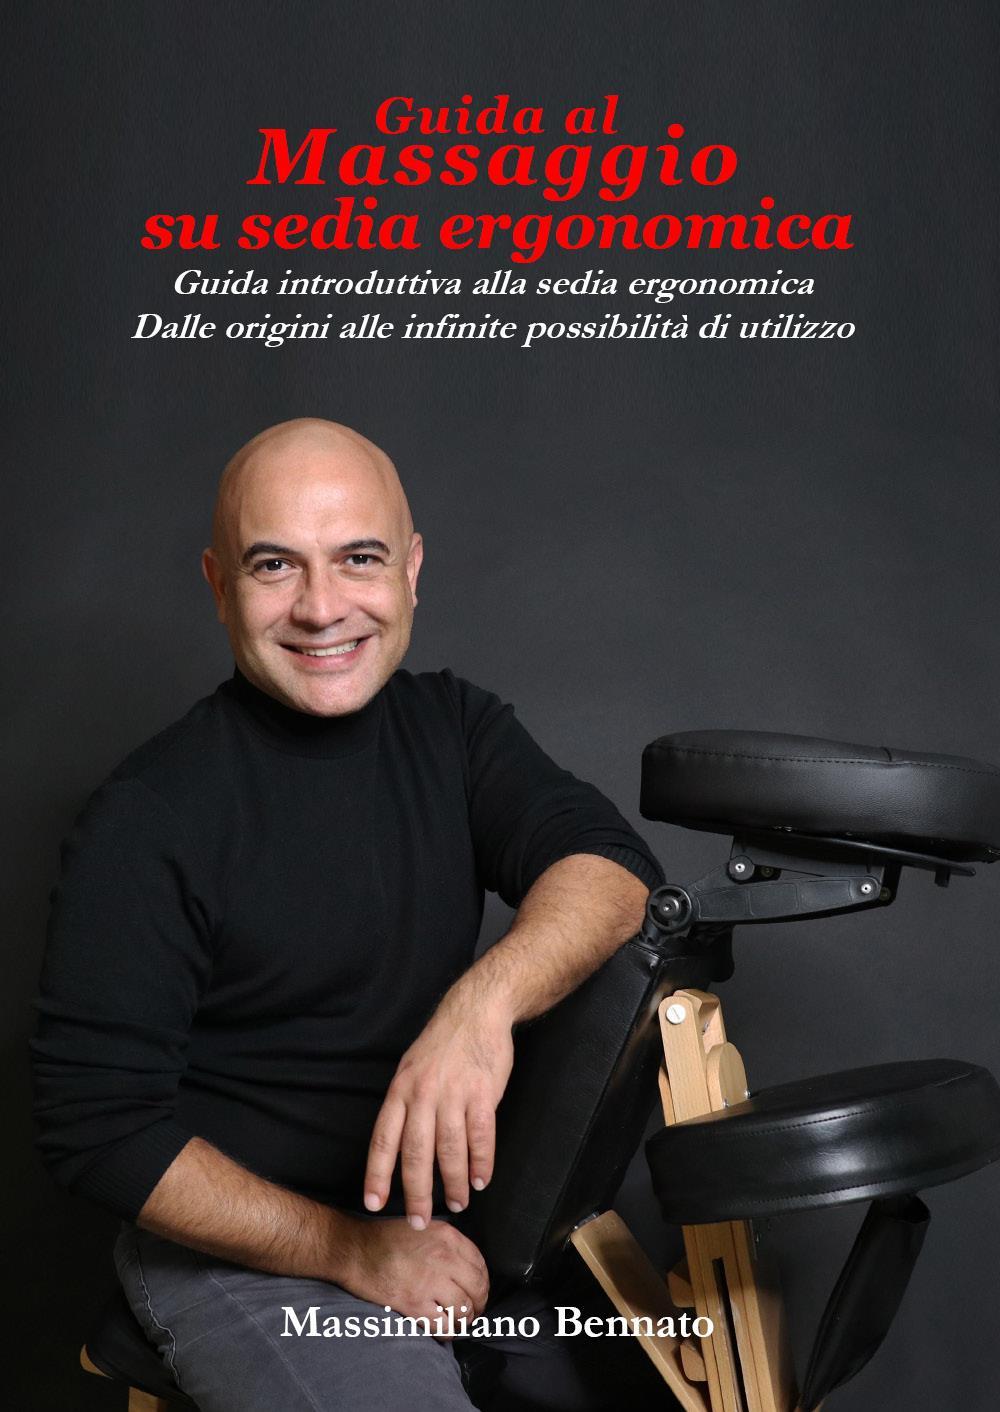 Guida al massaggio su sedia ergonomica